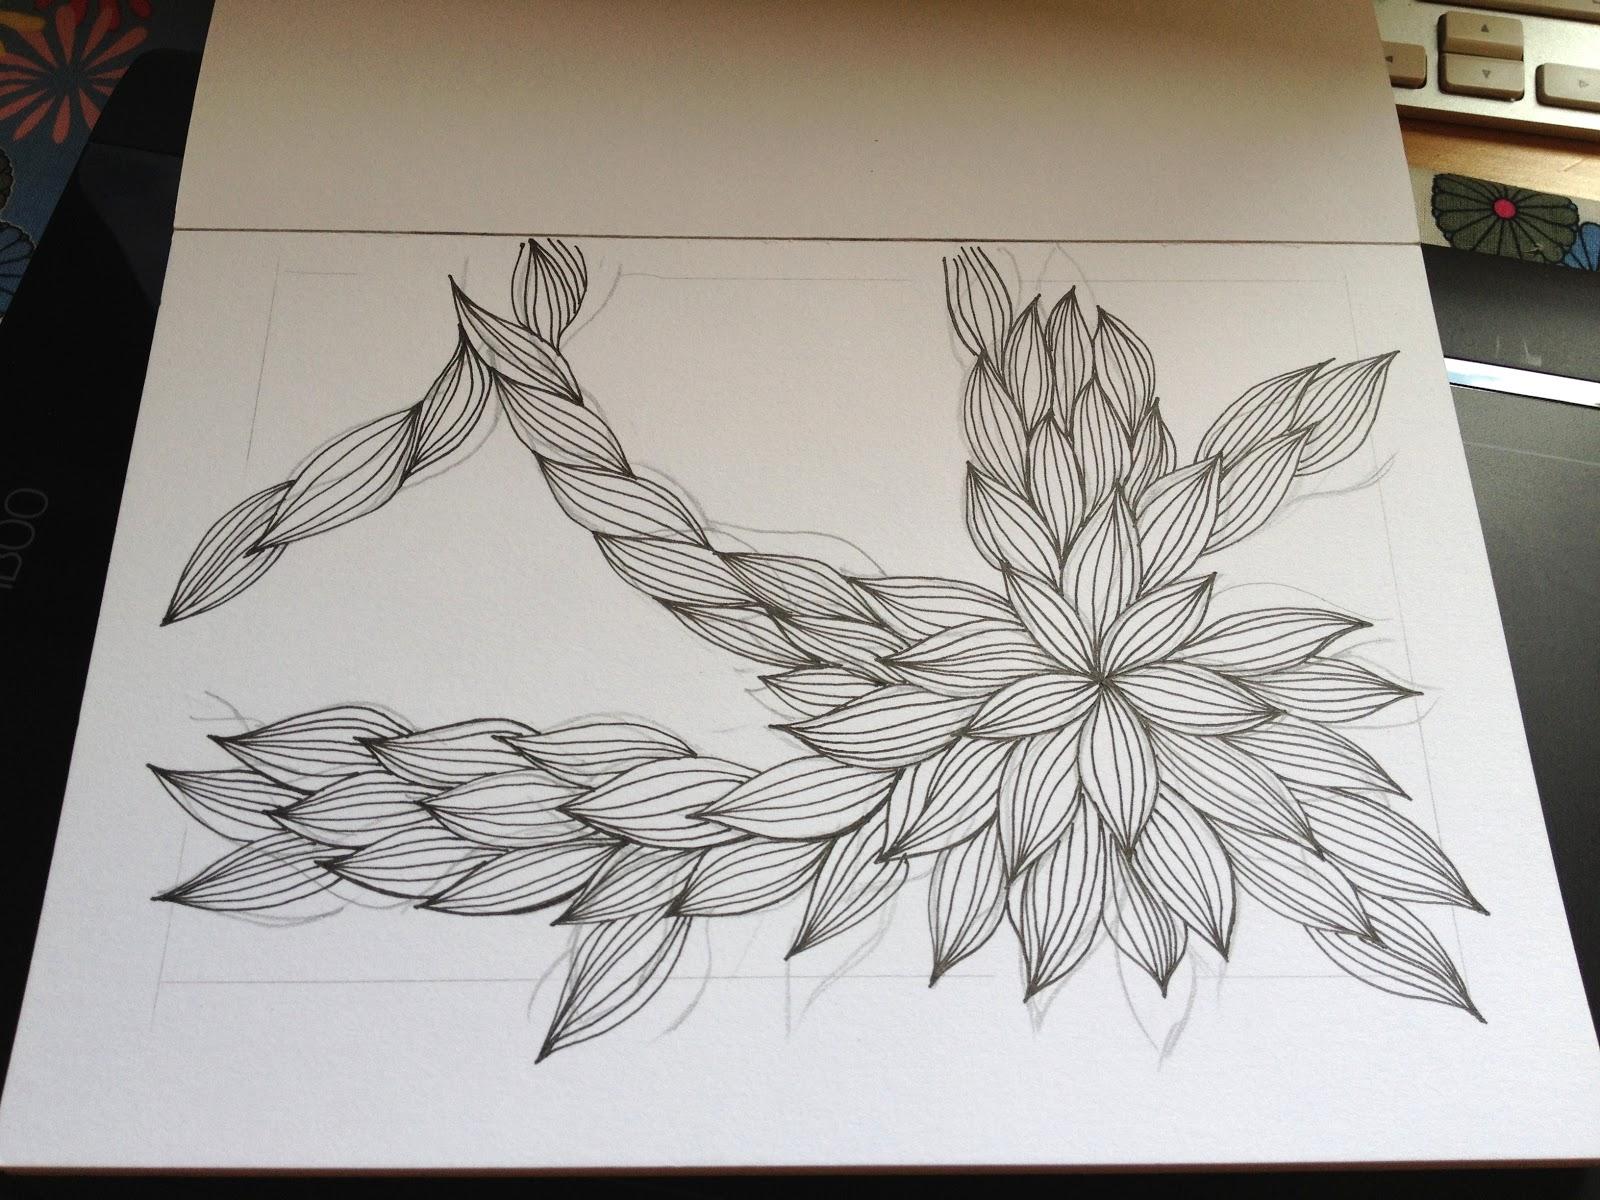 Hoontoidly Simple Tumblr Drawings Patterns Images